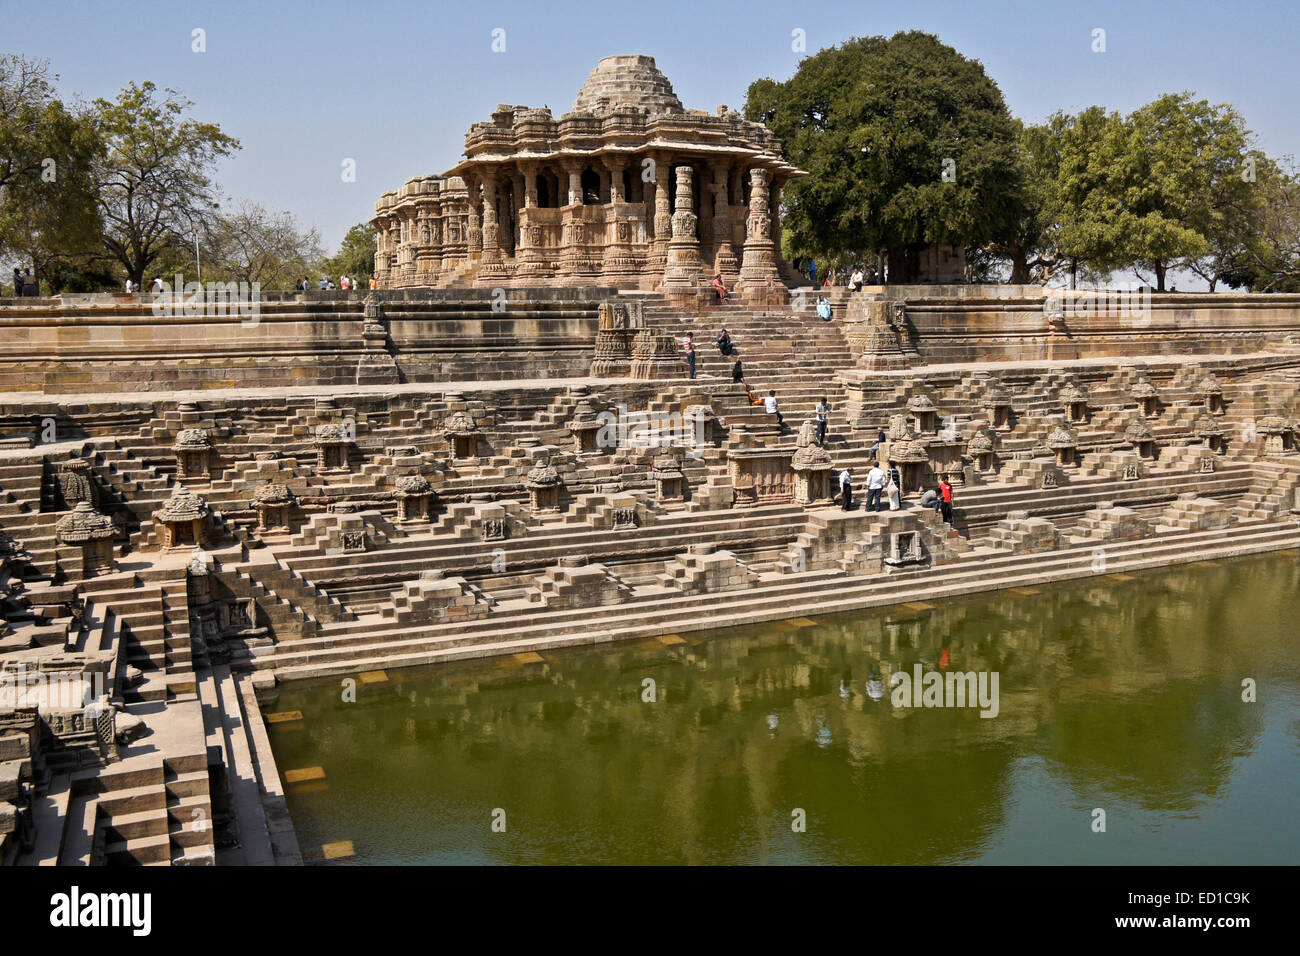 Modhera Sun Temple, Gujarat, India - Stock Image